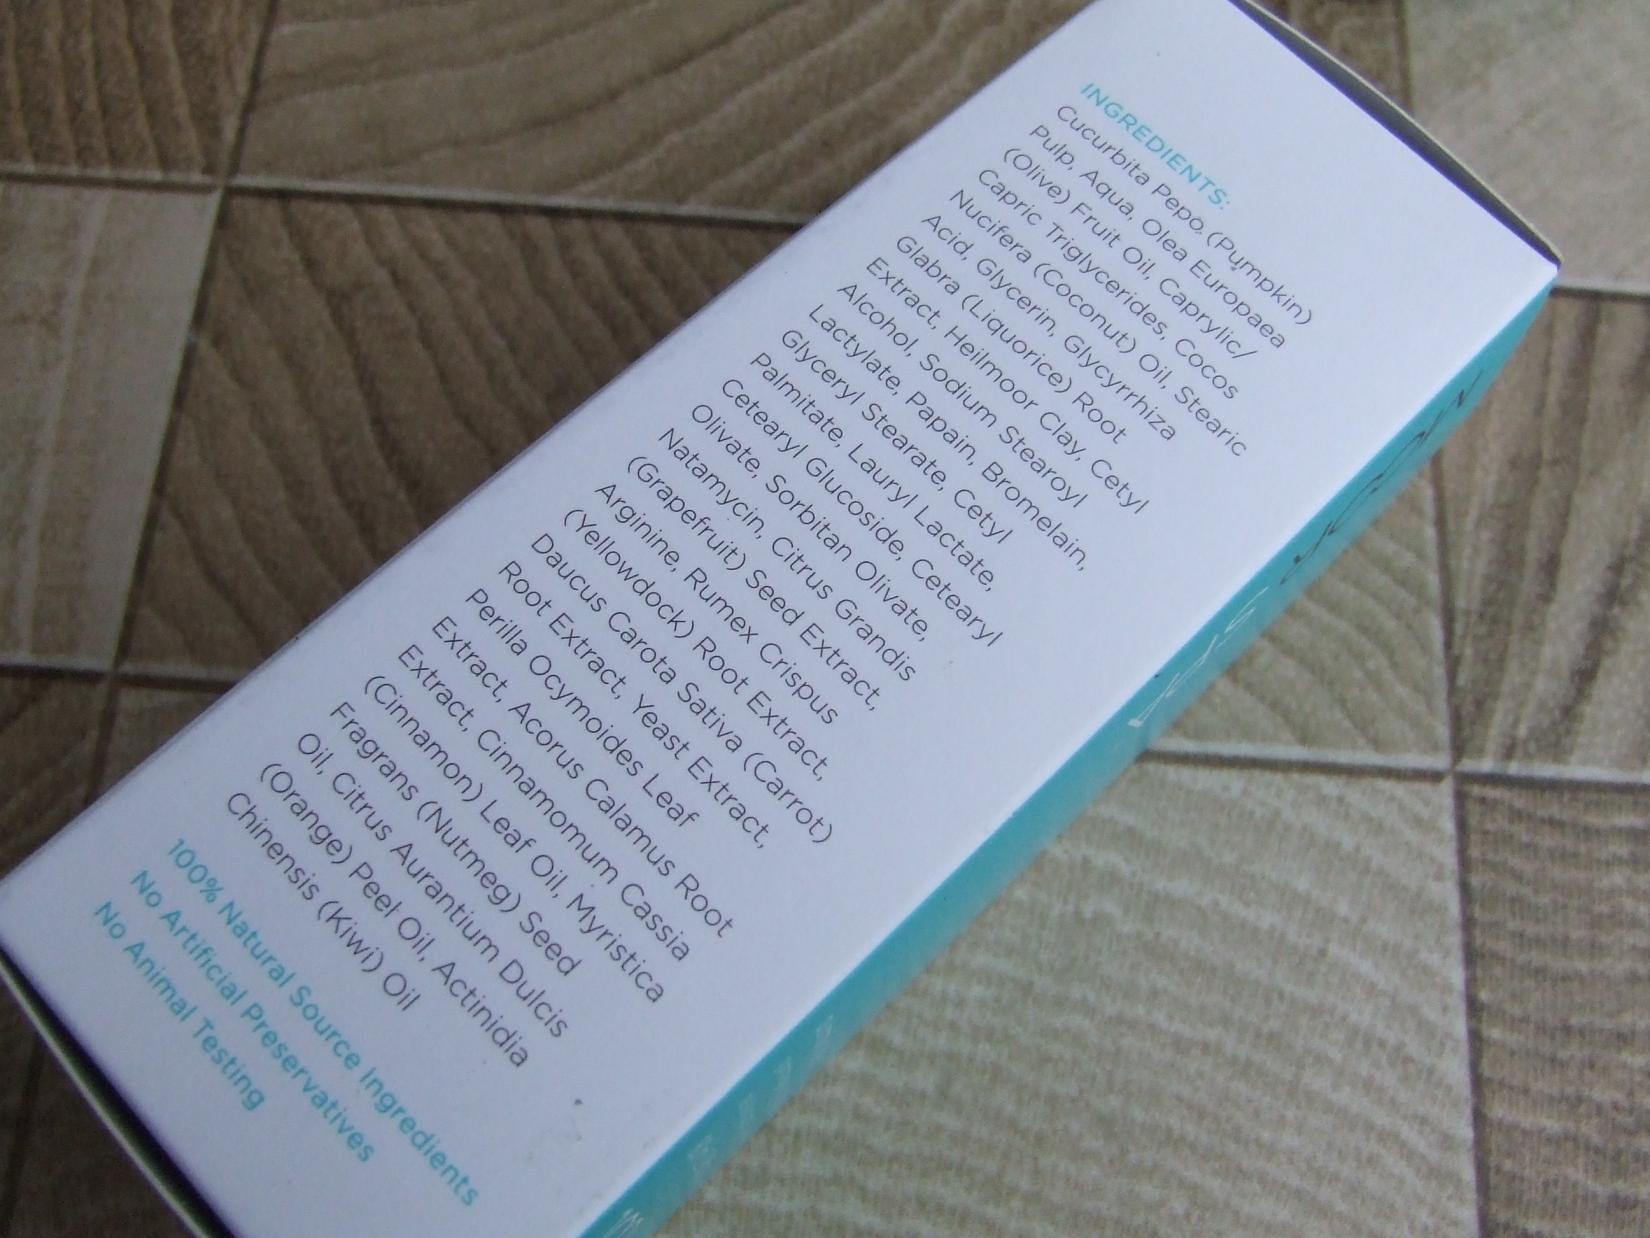 Тыквенный пилинг для кожи лица Moor Spa Pumkin Peel - инструкция